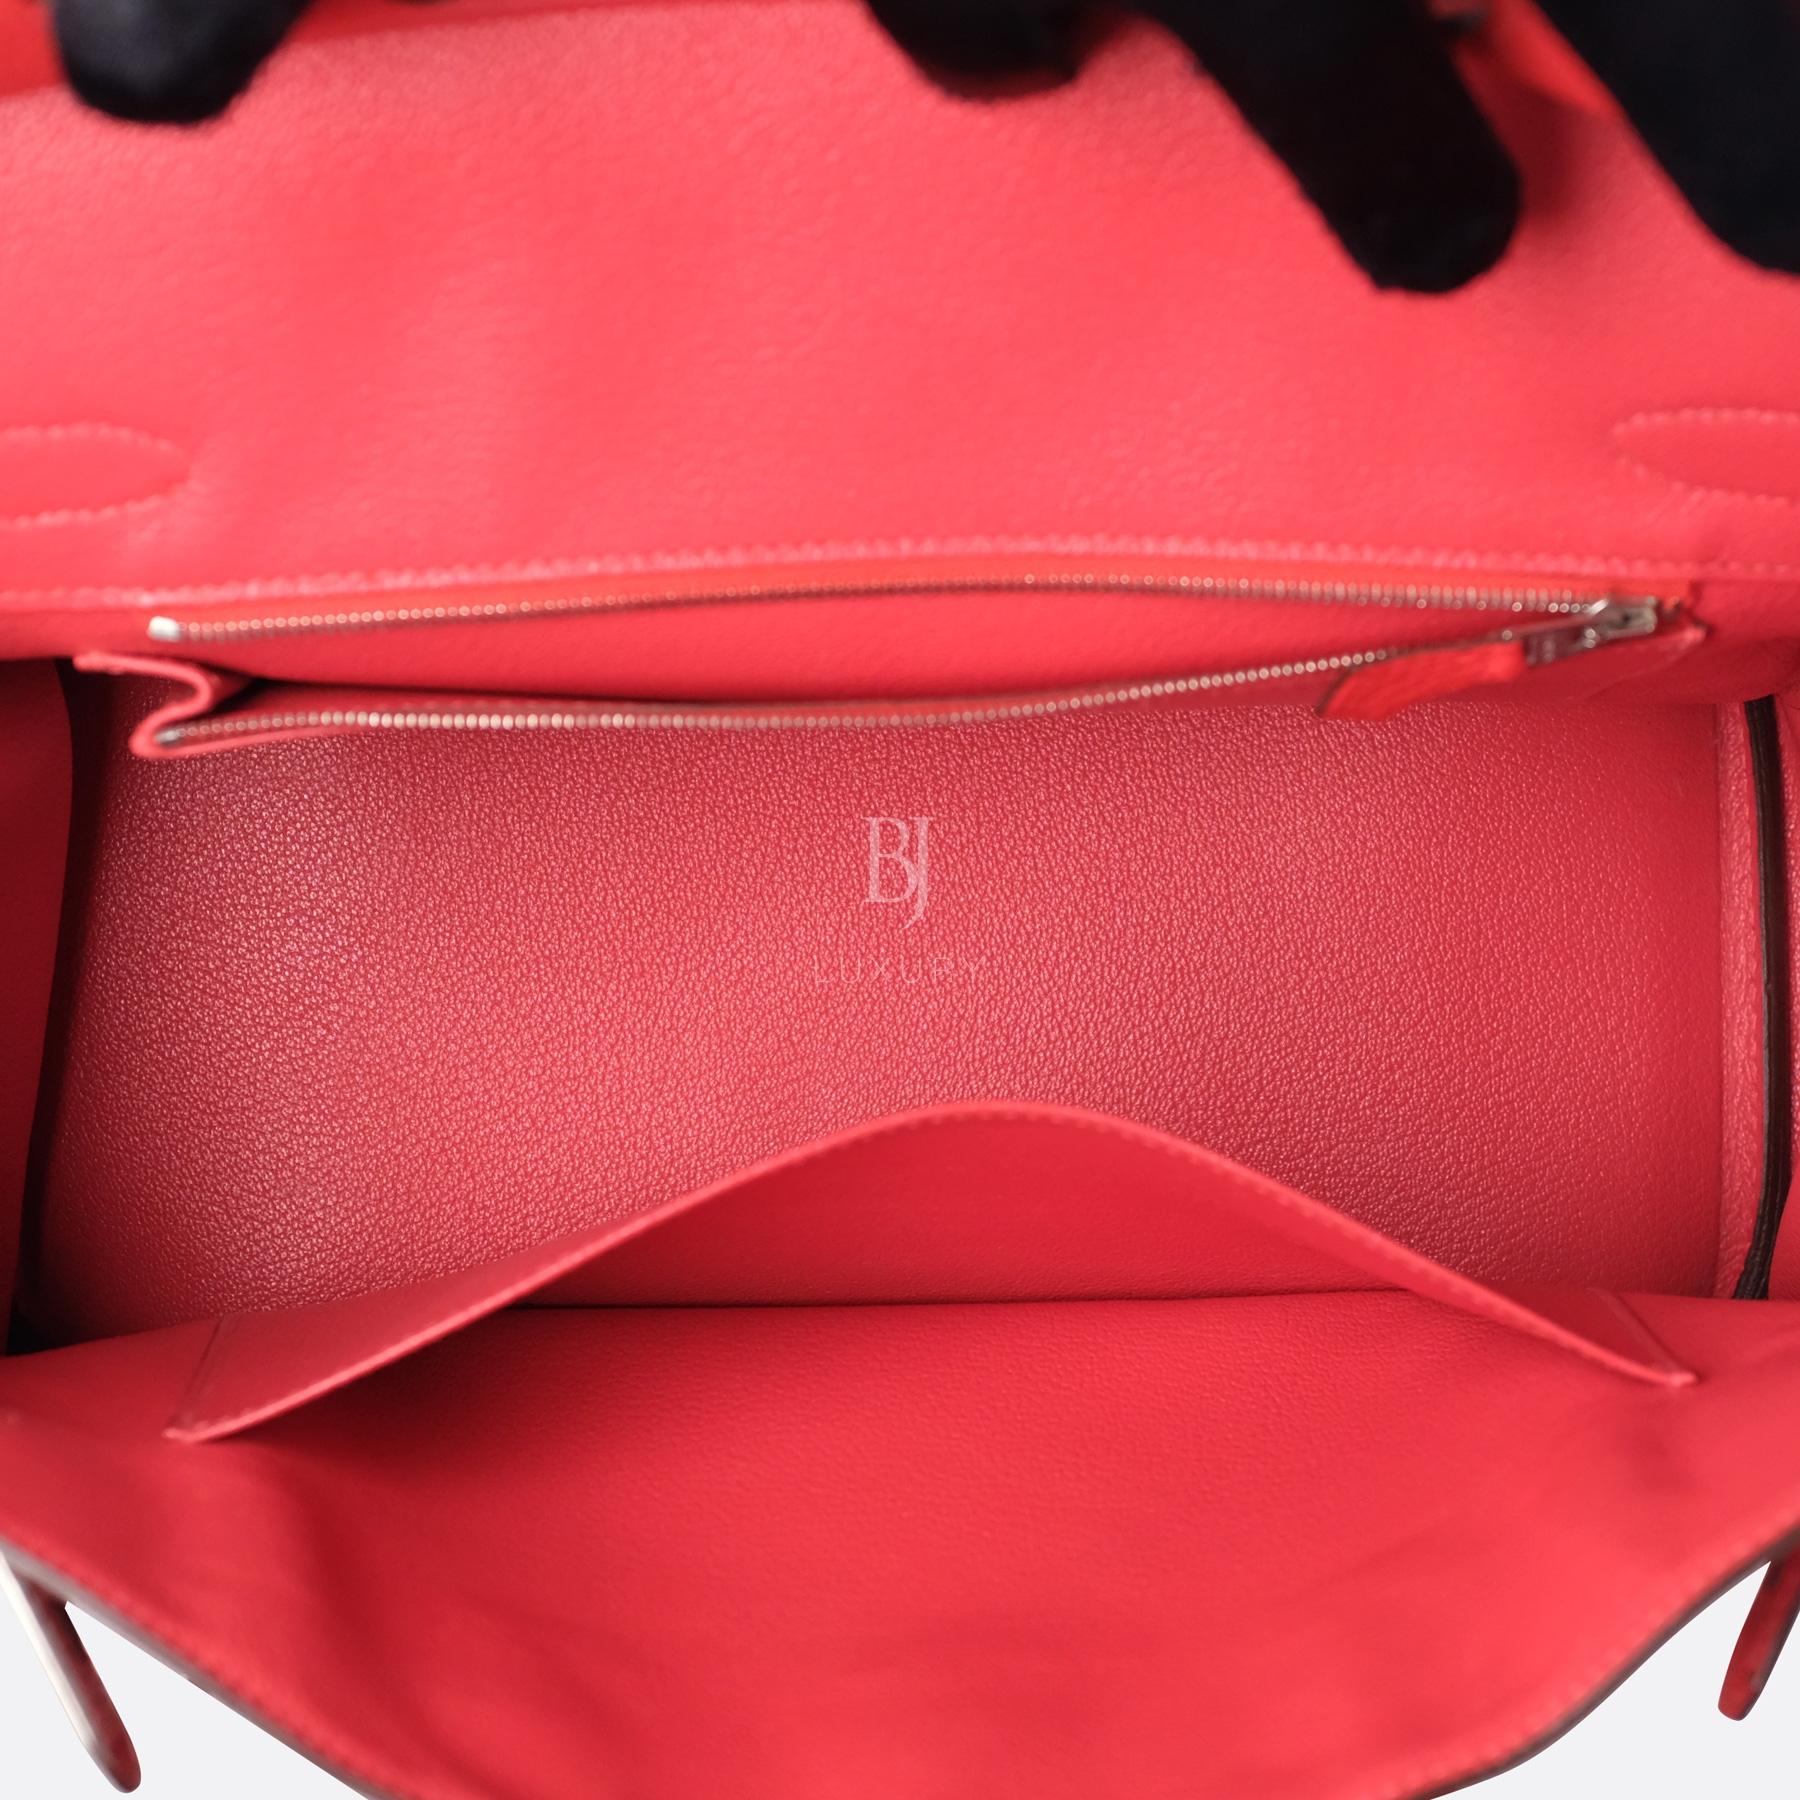 Hermes Birkin 30 Rougue Pivoine Togo Palladium BJ Luxury 7.jpg